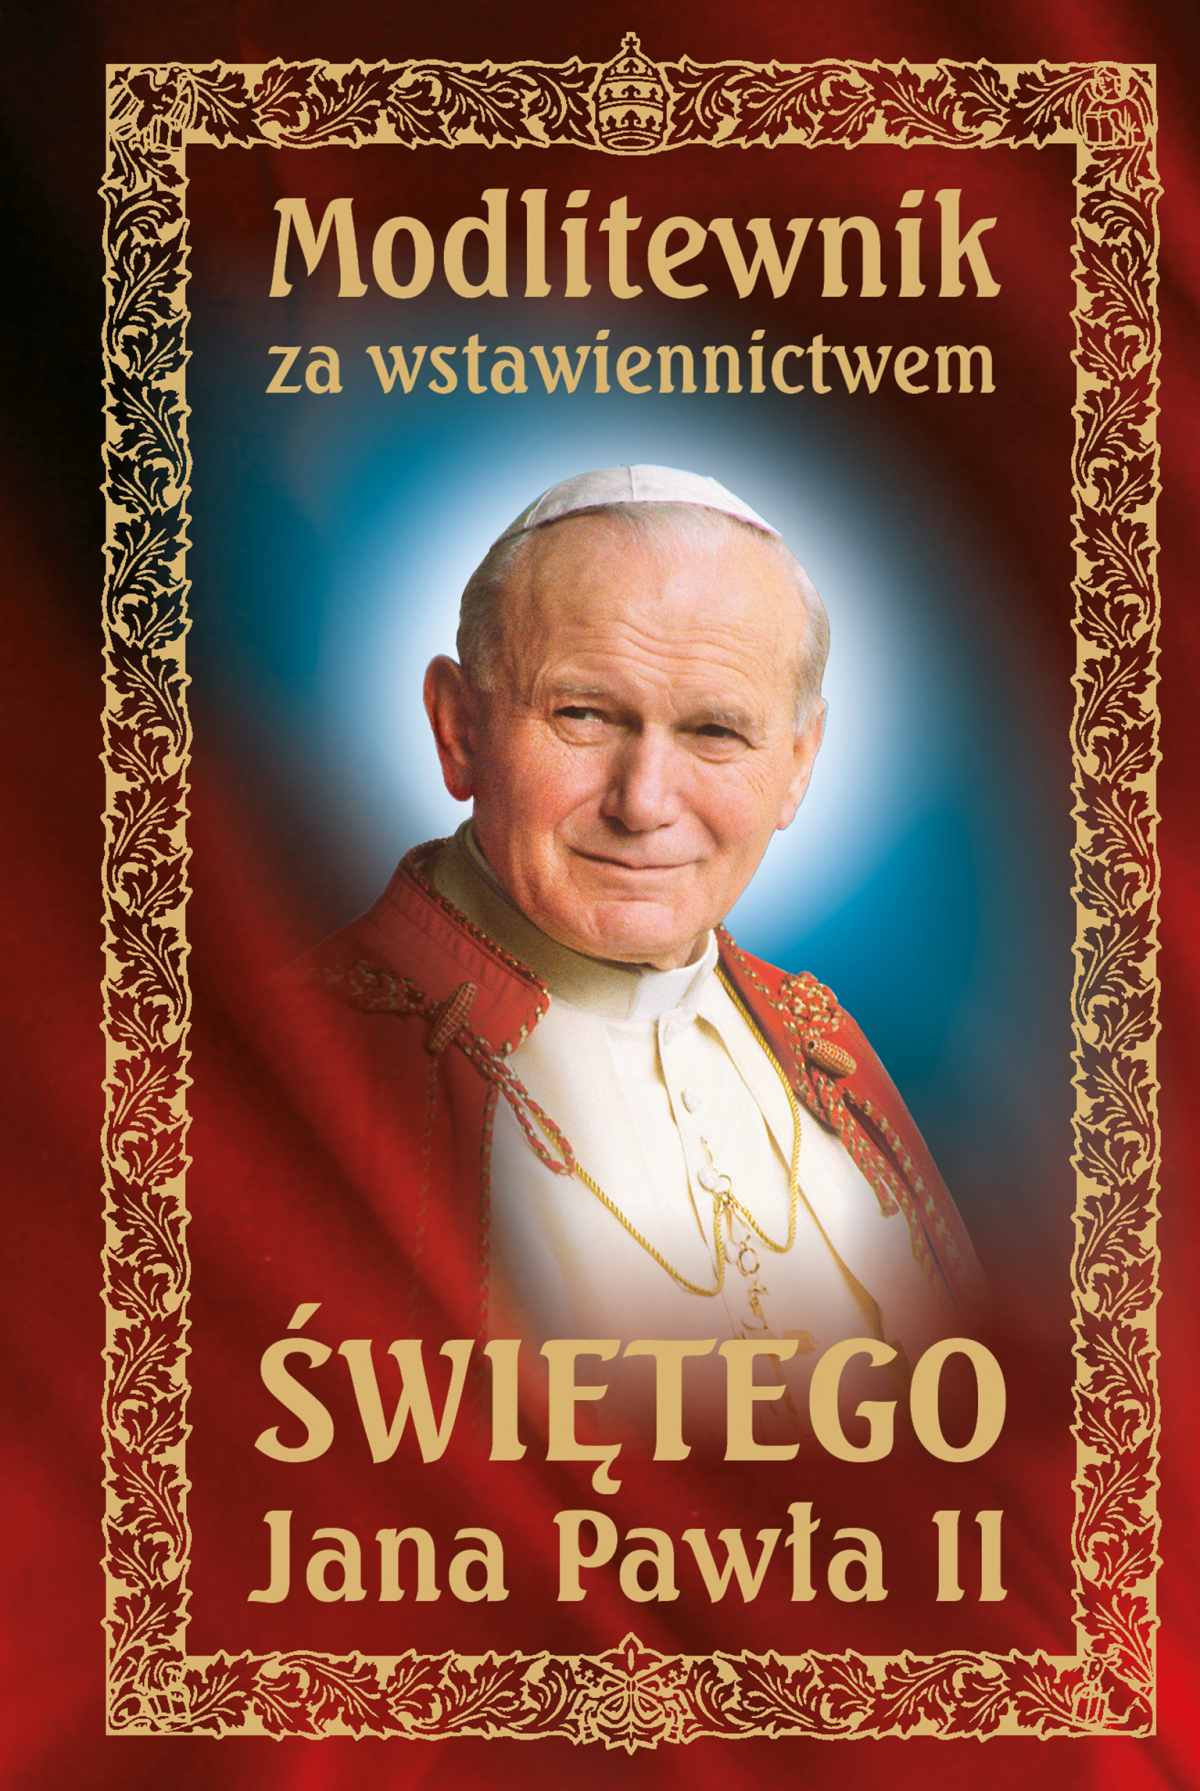 Modlitewnik za wstawiennictwem Świętego Jana Pawła II - Ebook (Książka EPUB) do pobrania w formacie EPUB